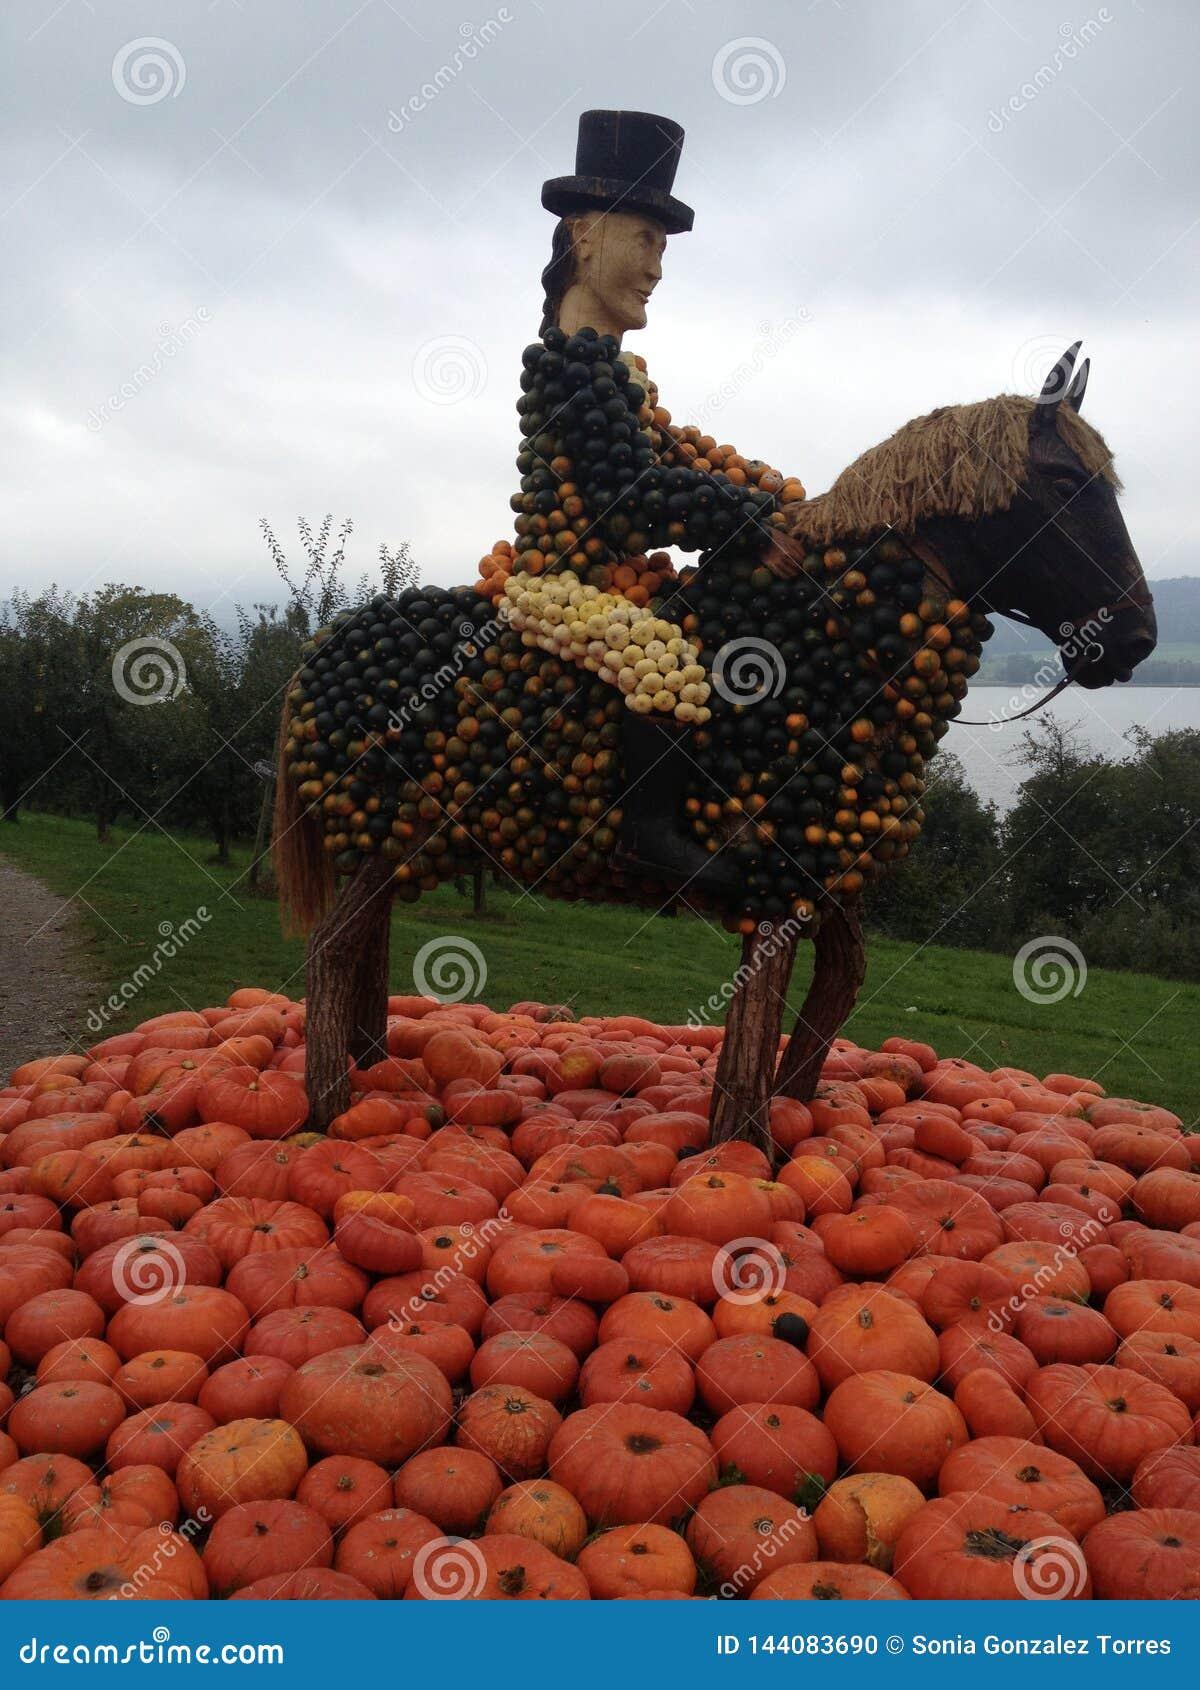 Sports Pumpkin Art